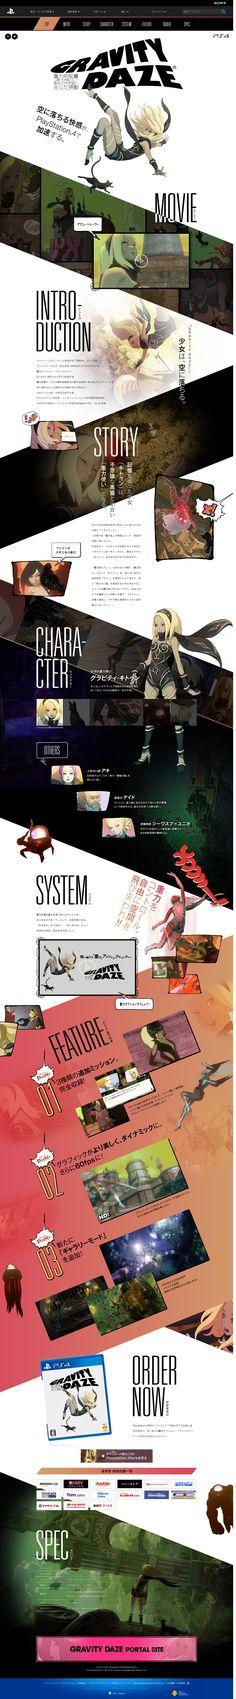 Sony Playstation Japan Gravity Daze.